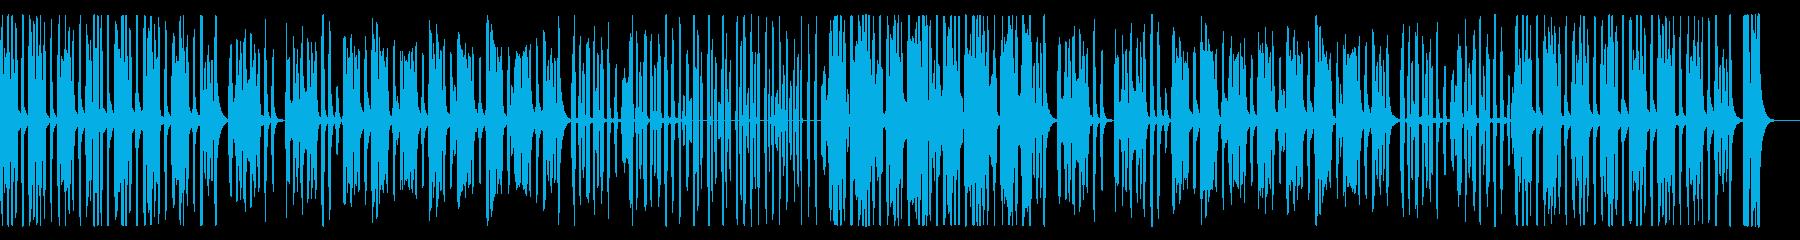 かわいいほのぼのリコーダー、パーカス抜きの再生済みの波形